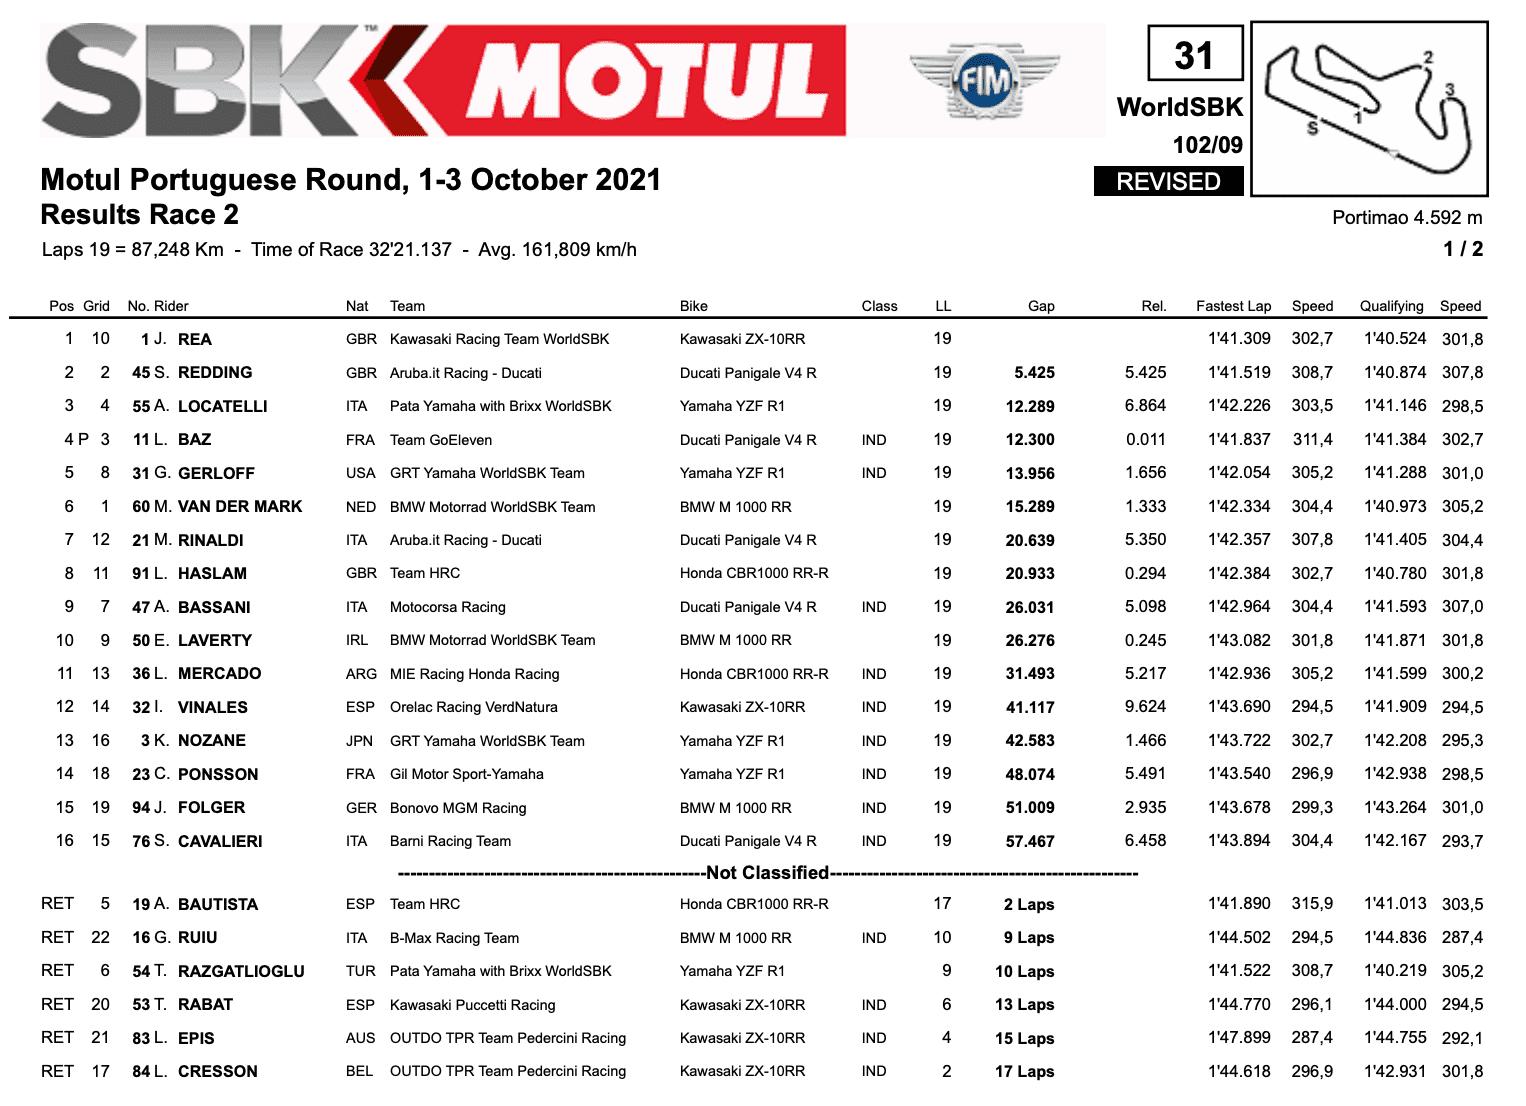 FIM スーパーバイク世界選手権(SBK)ポルトガル戦 レース2でジョナサン・レイが優勝